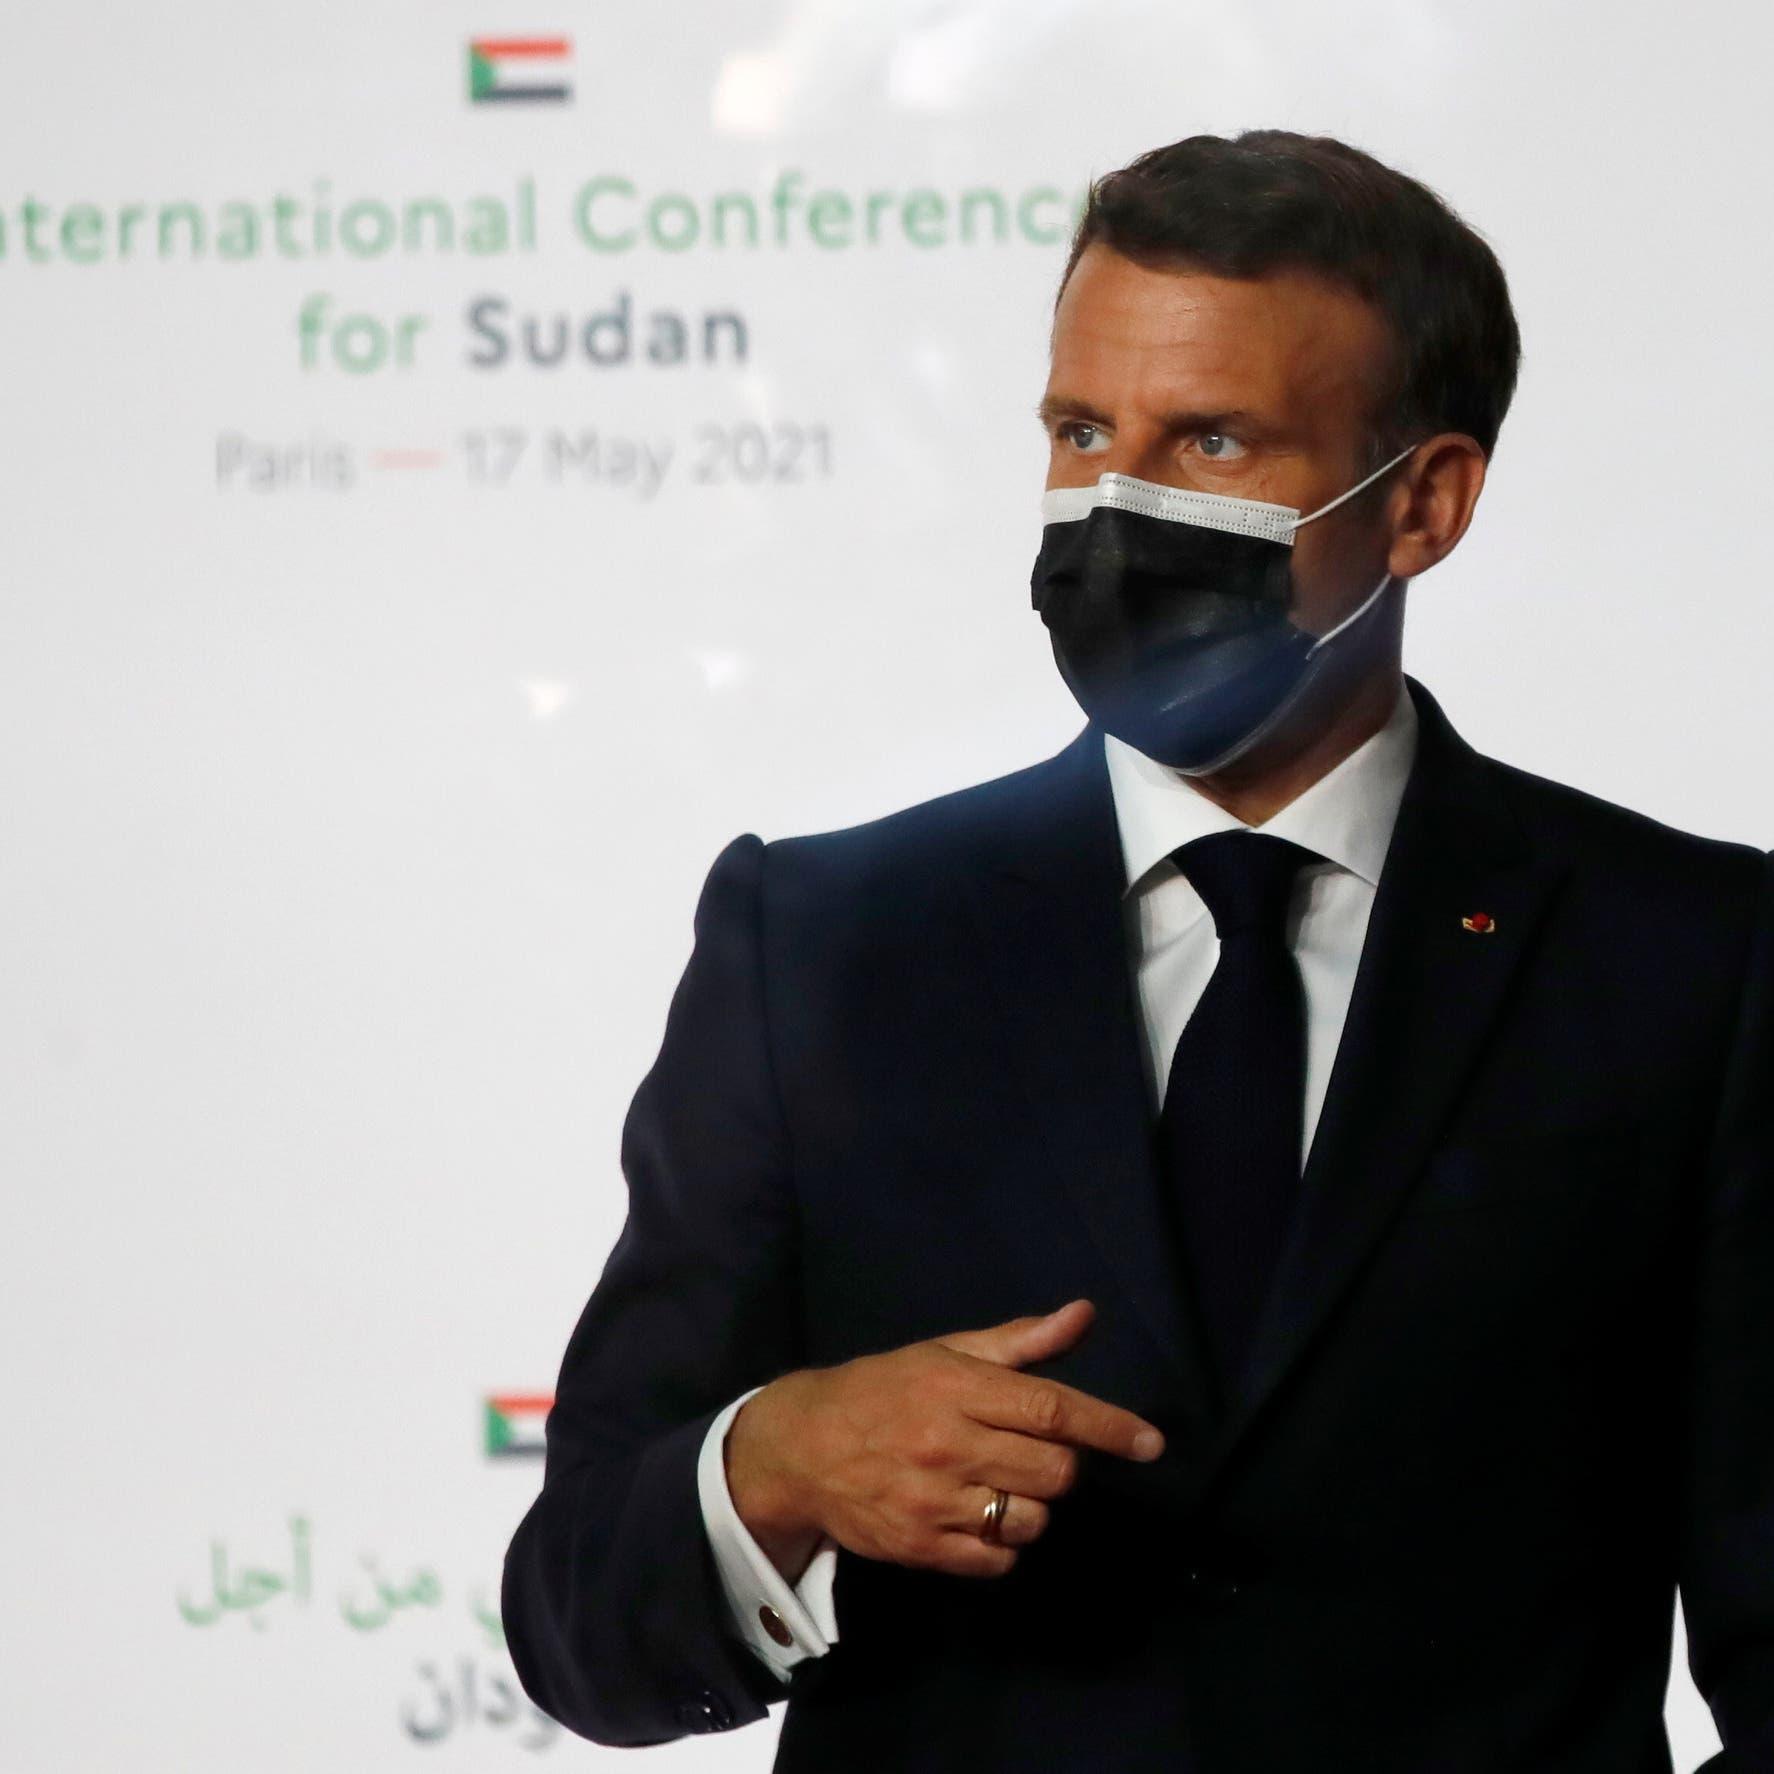 ماكرون: المجتمع الدولي جاهز لمساعدة السودان